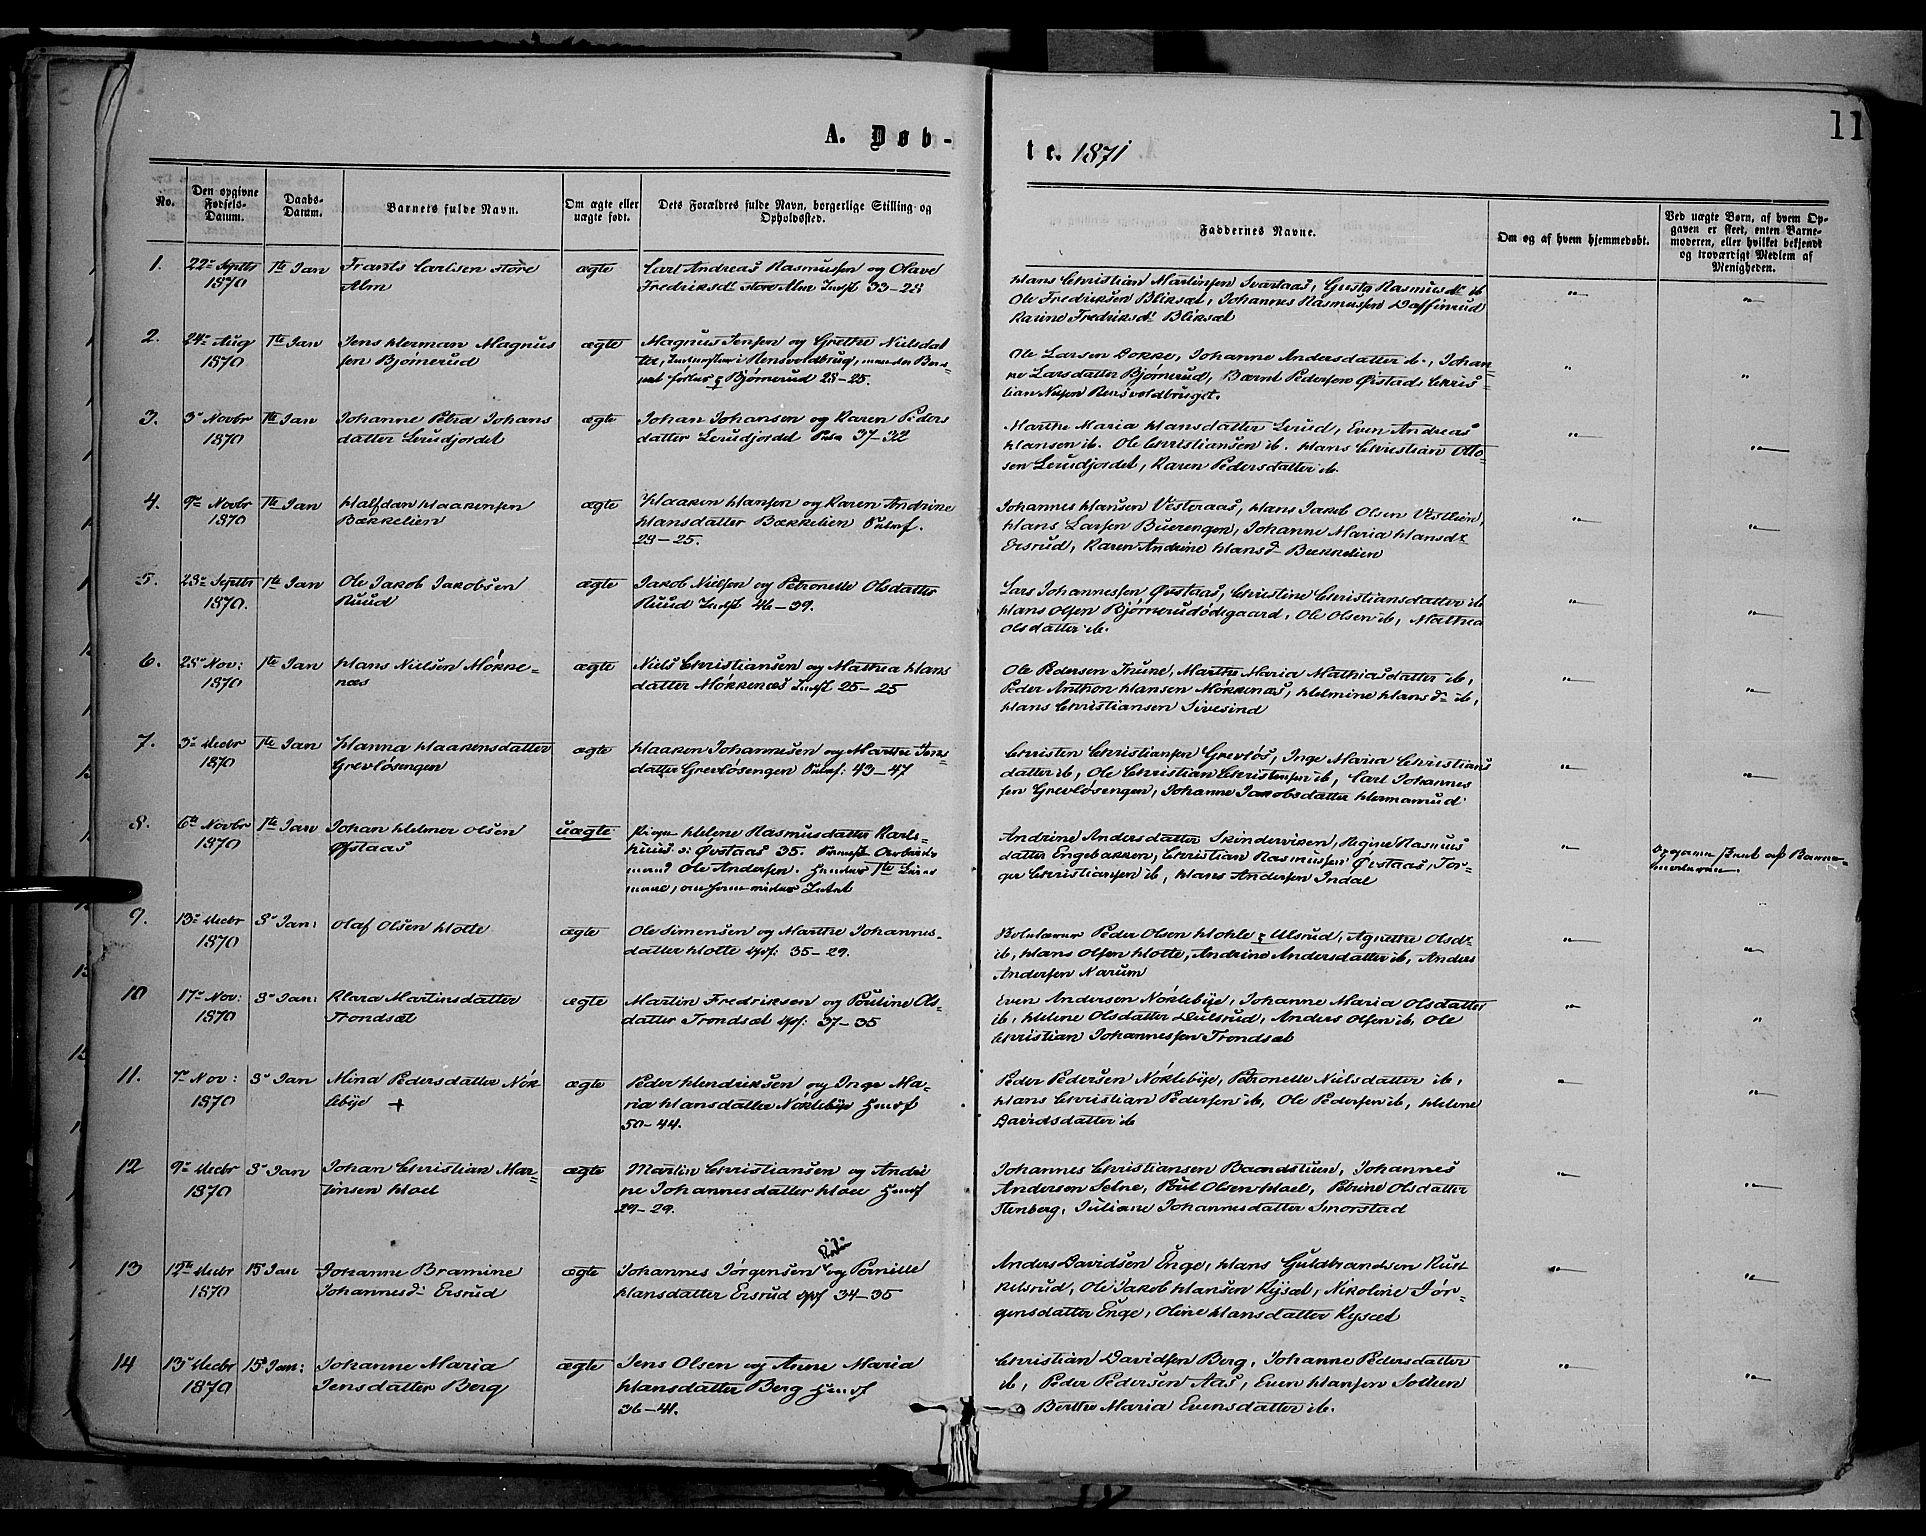 SAH, Vestre Toten prestekontor, Ministerialbok nr. 8, 1870-1877, s. 11